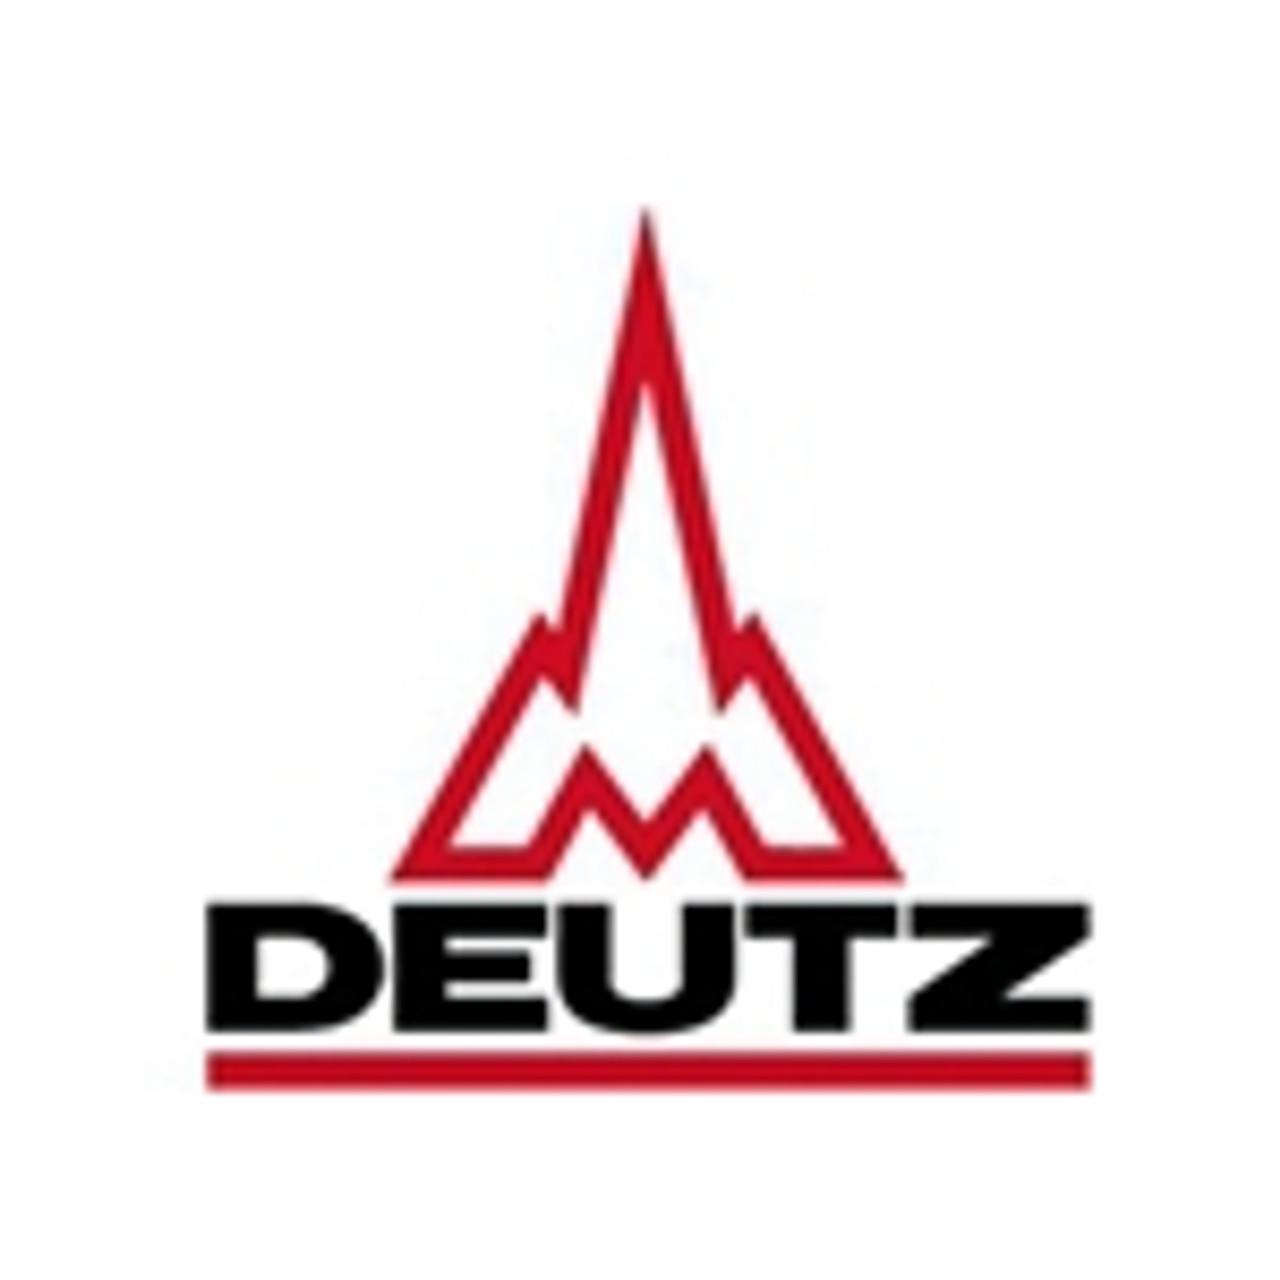 Deutz Marine